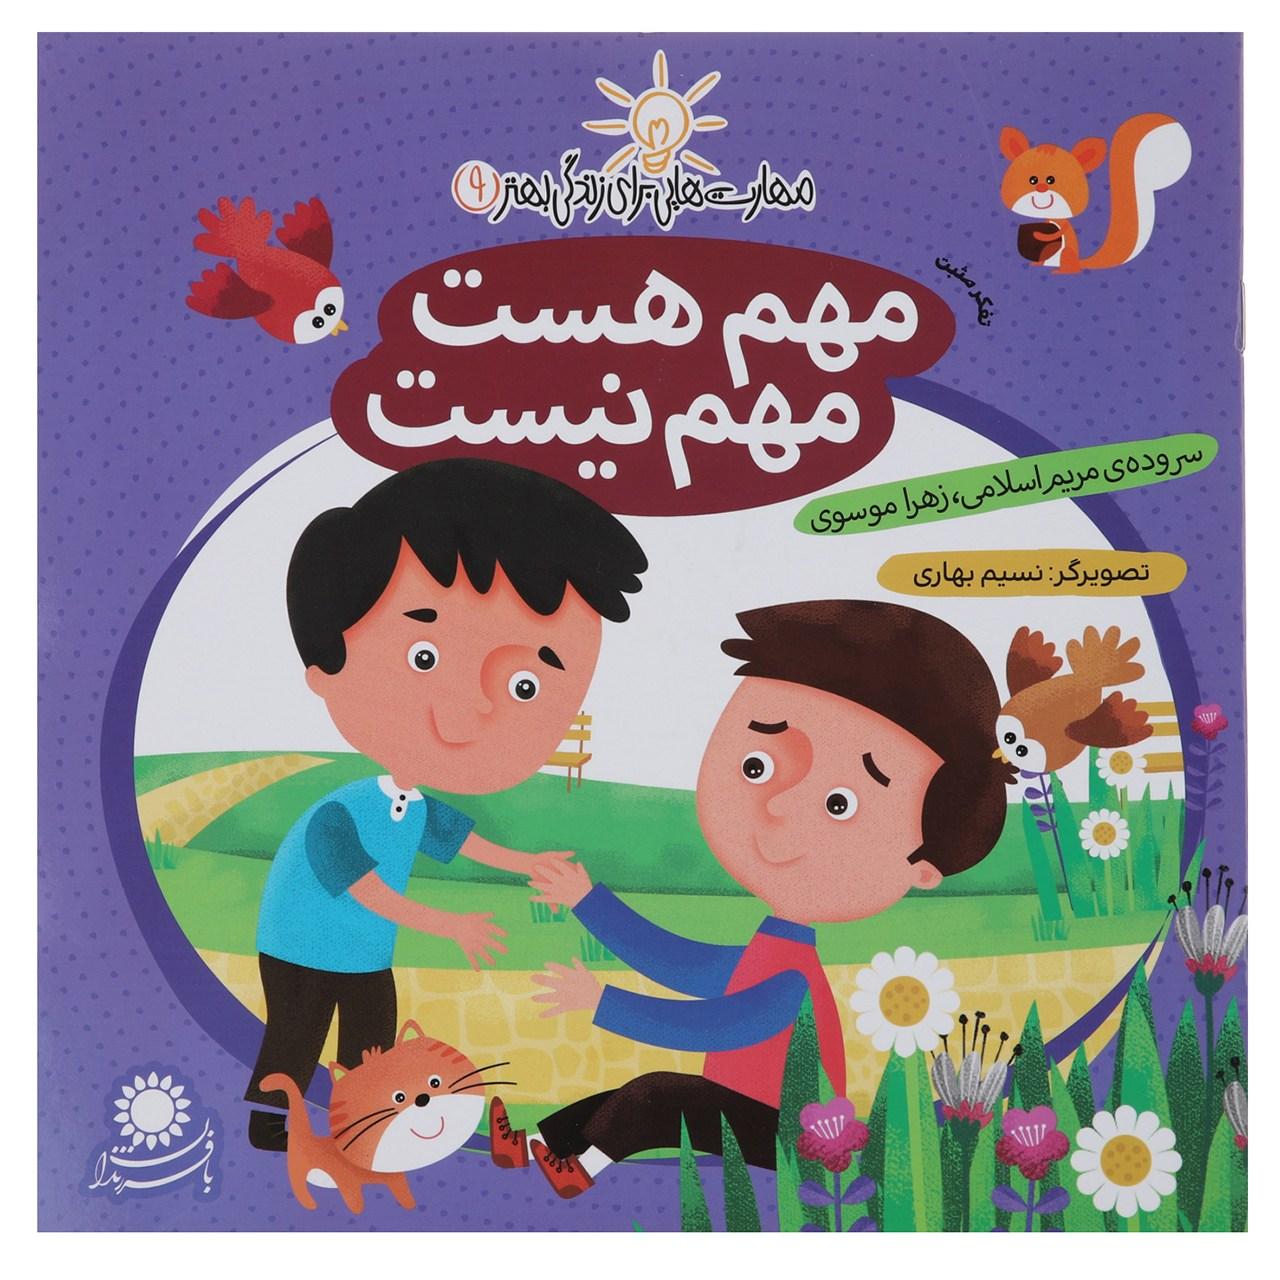 خرید                      کتاب مهارت هایی برای زندگی 9 مهم هست مهم نیست اثر مریم اسلامی